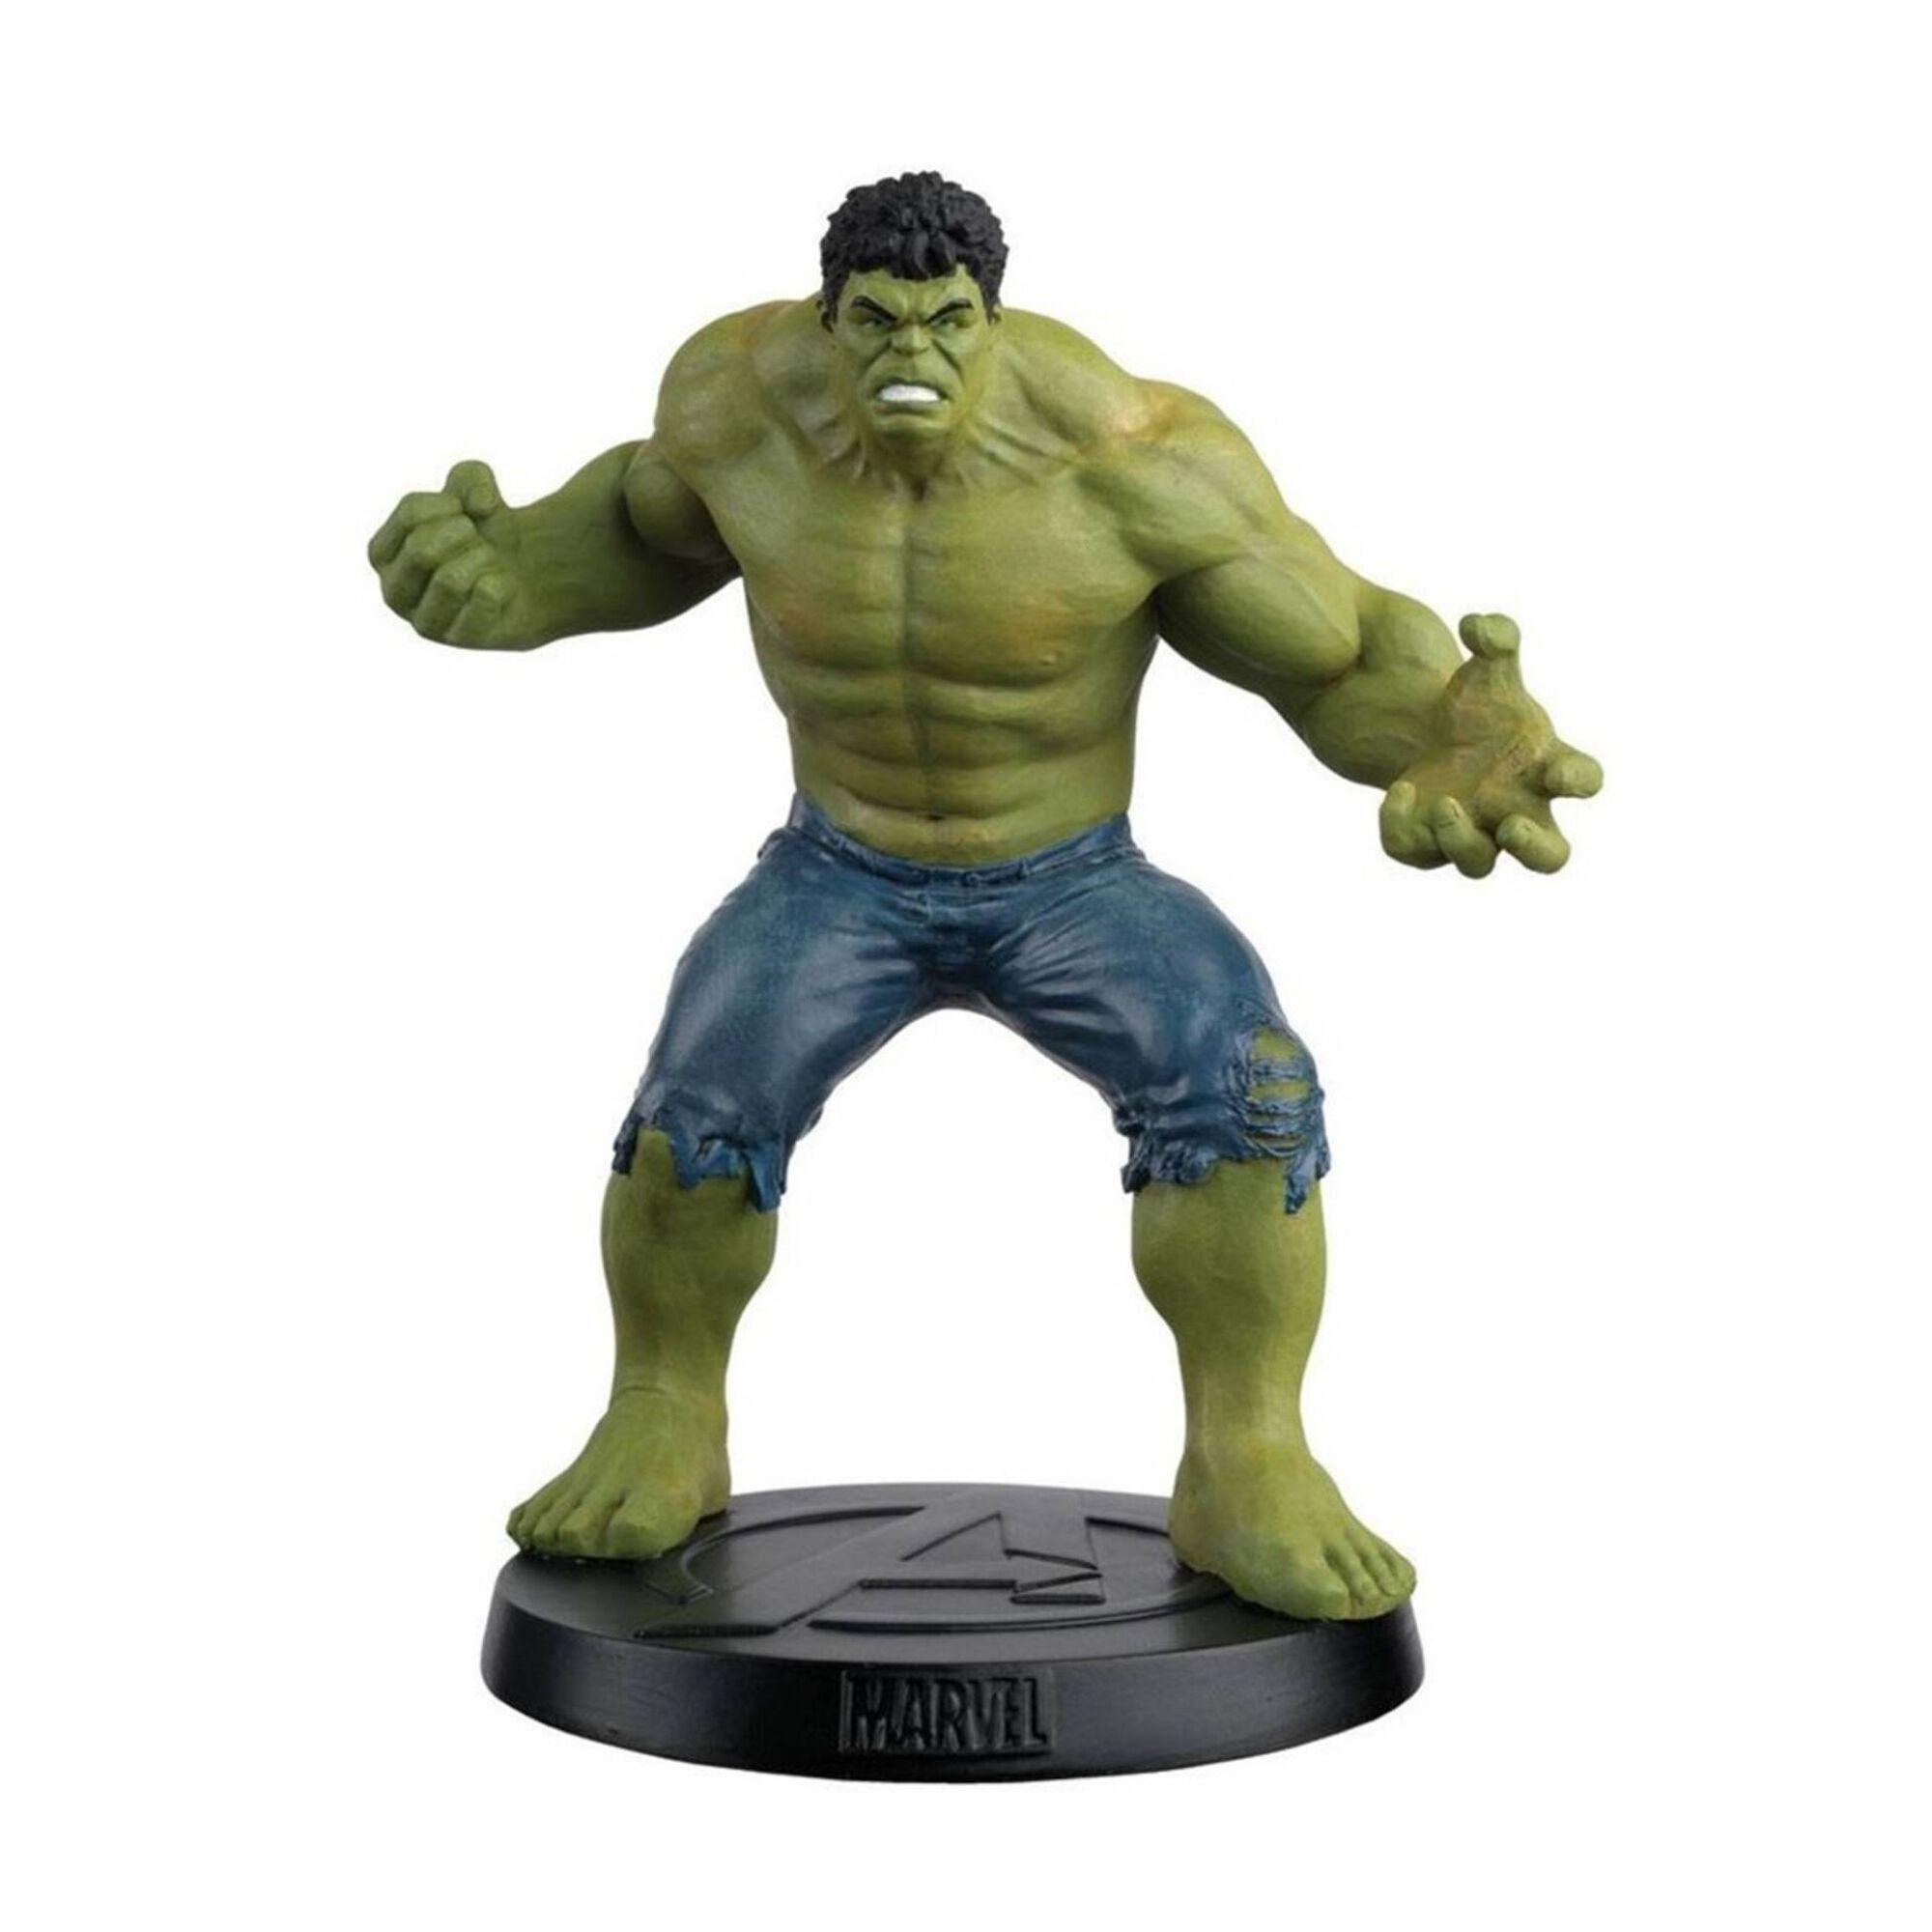 Estátua Hulk 1:16, , hi-res